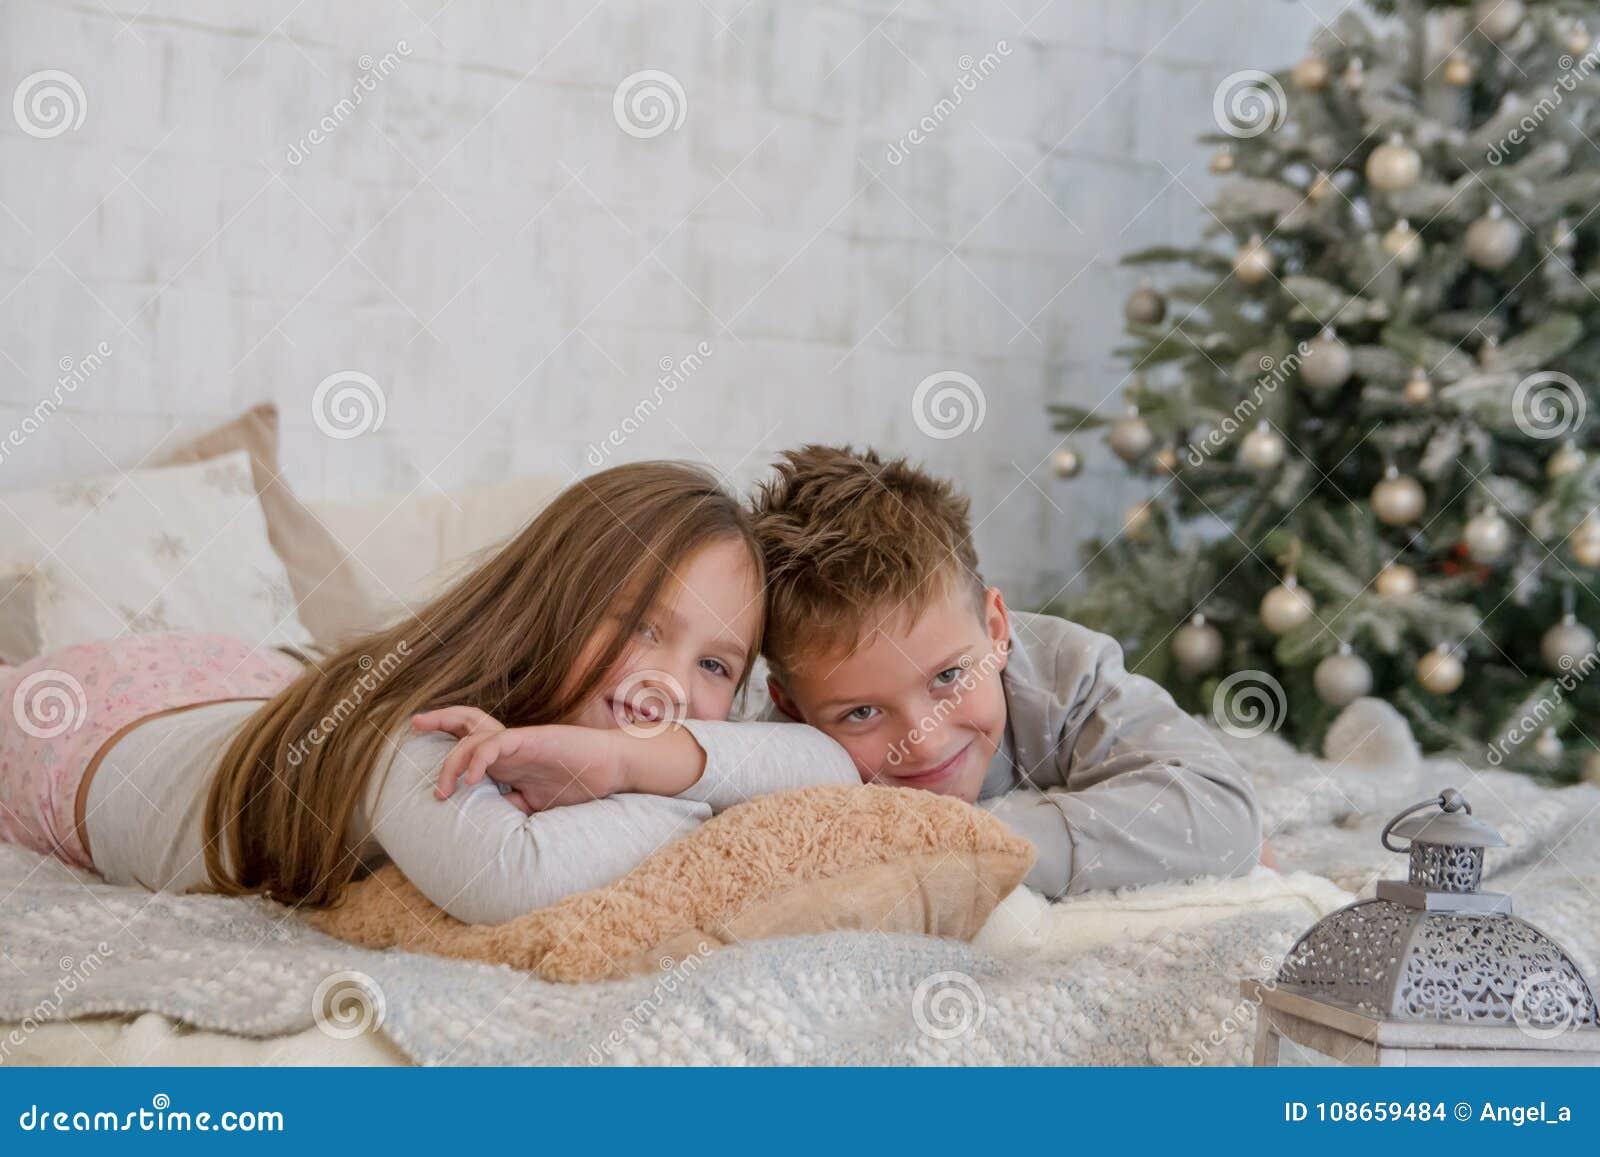 Schwester Und Bruder Teilen Bett